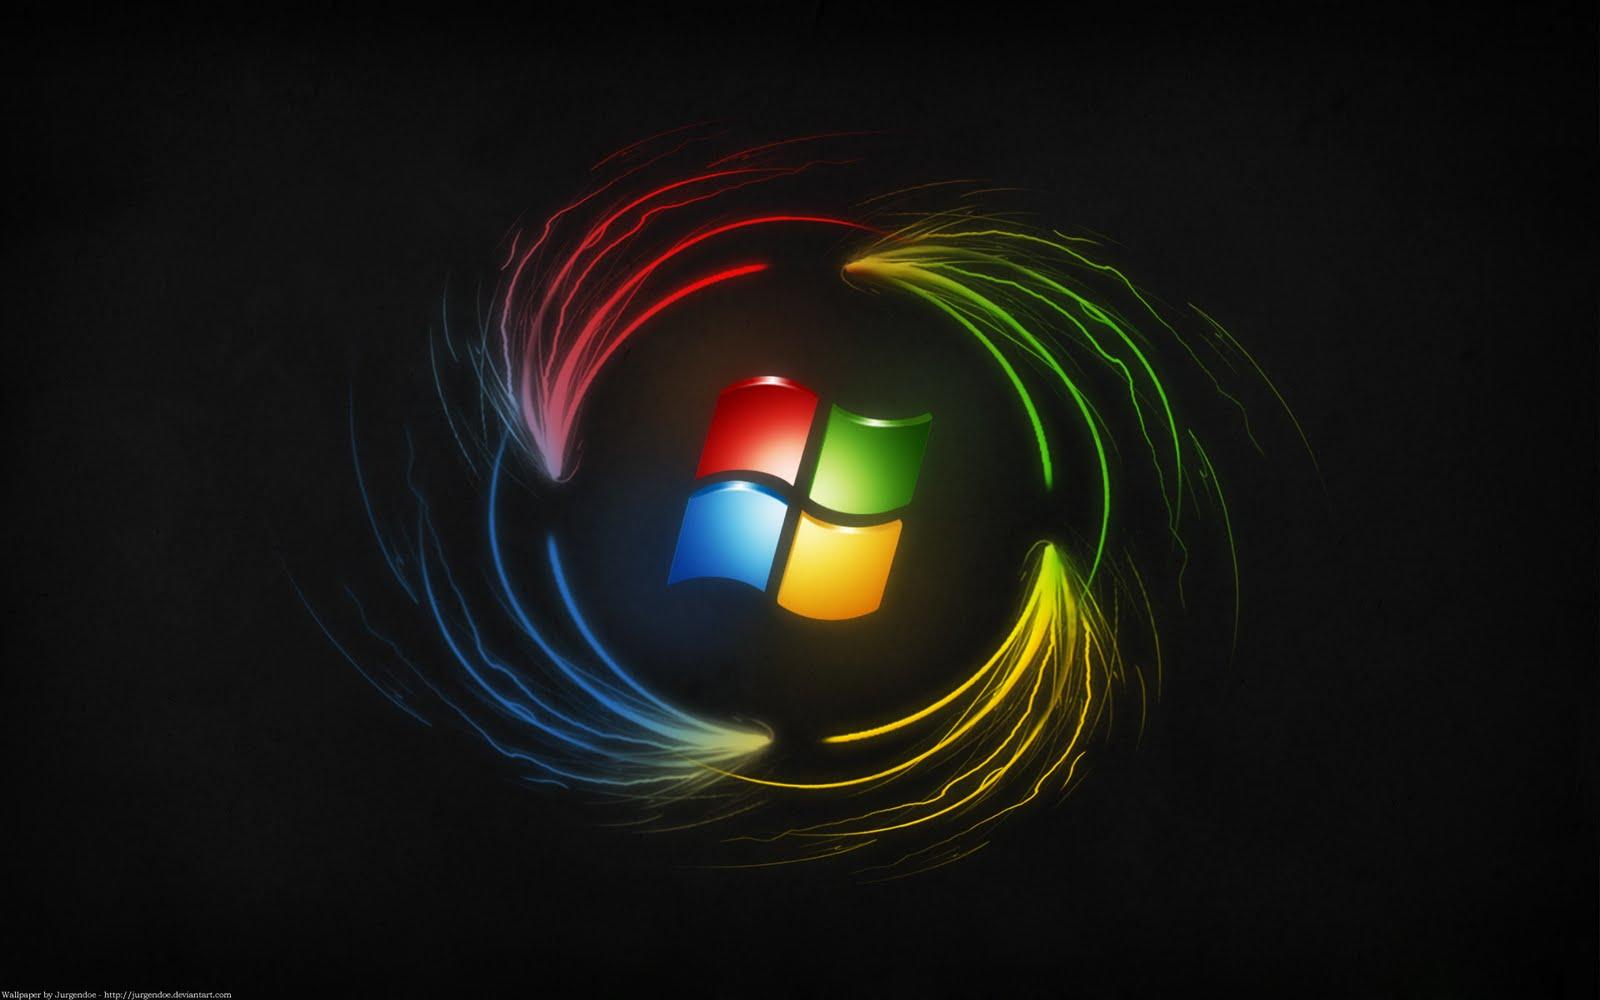 http://3.bp.blogspot.com/-bbcxNA1ByF4/UKUQh4iqgSI/AAAAAAAAC5I/-WwBkdo4JjA/s1600/Windows%2B8%2BWallpaper%2BHD%2B5.jpg